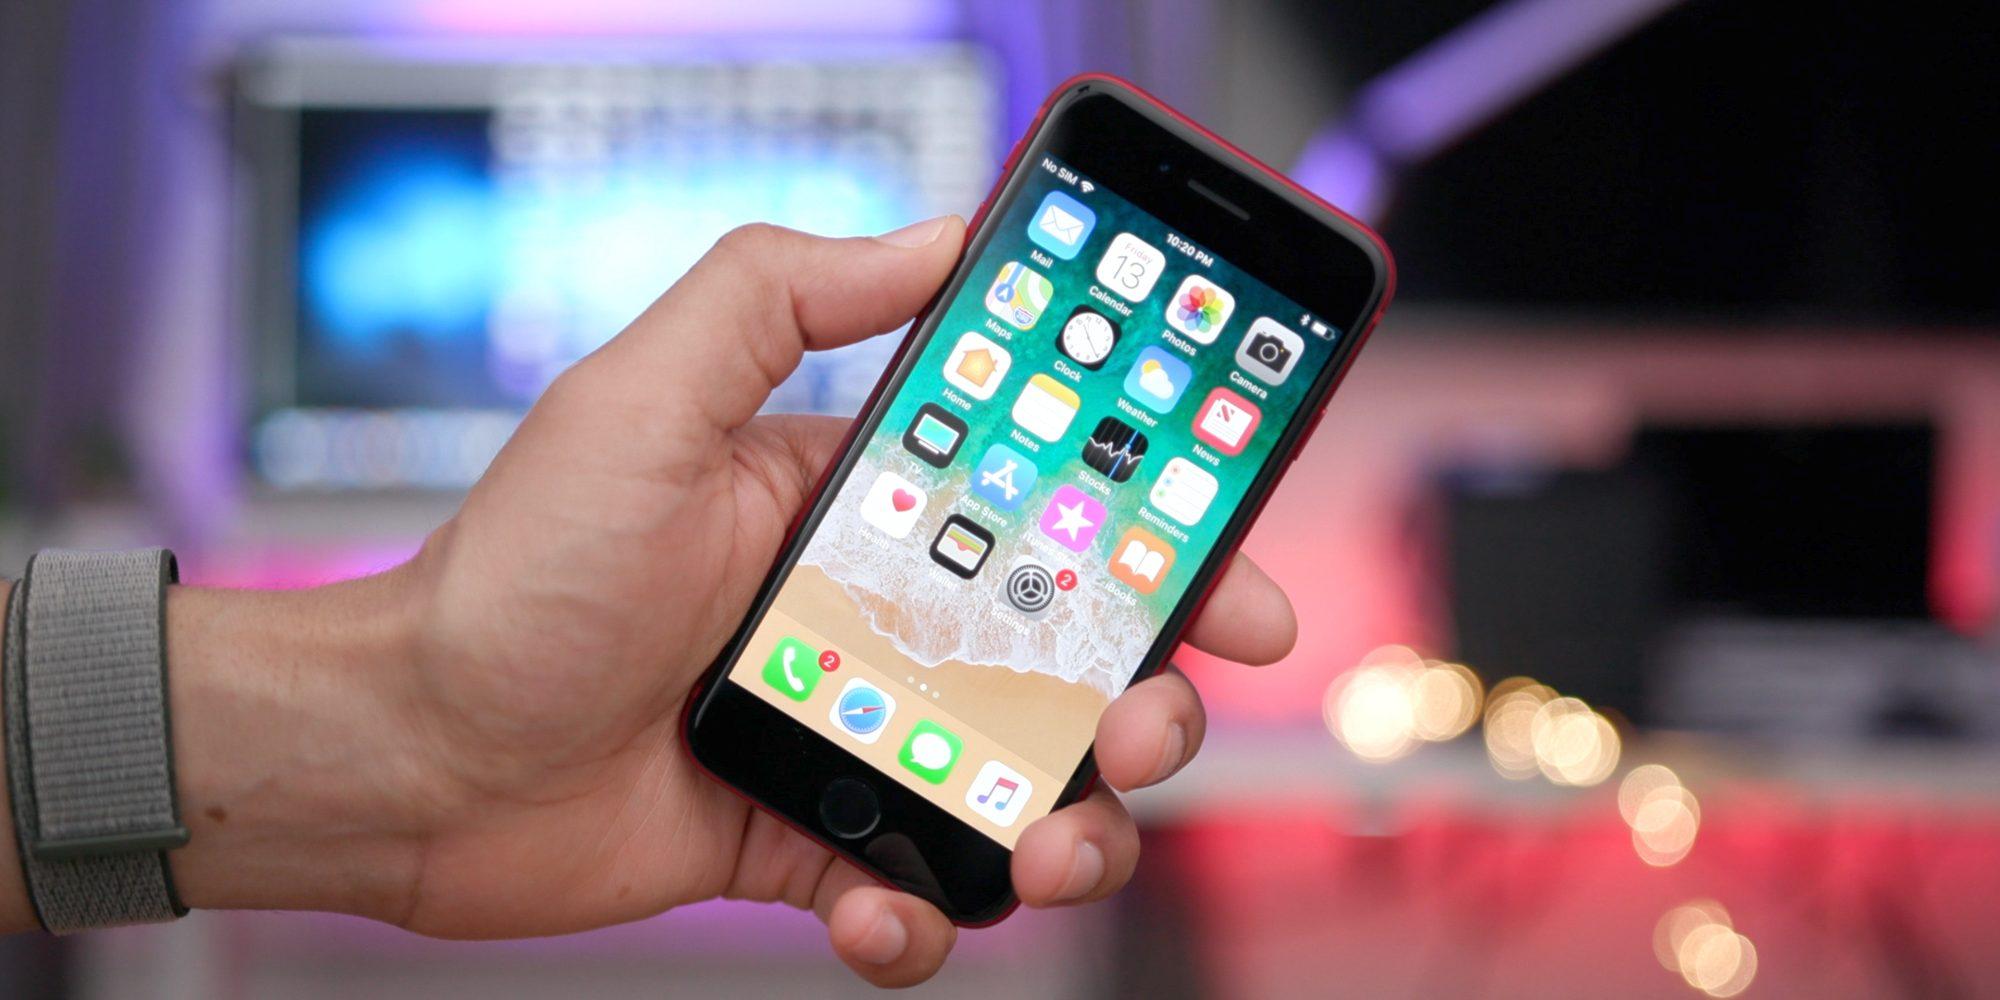 Çocuk İstismalarına Karşı Önemli Karar: iPhone Kullanıcılarının Fotoğrafları Taranacak